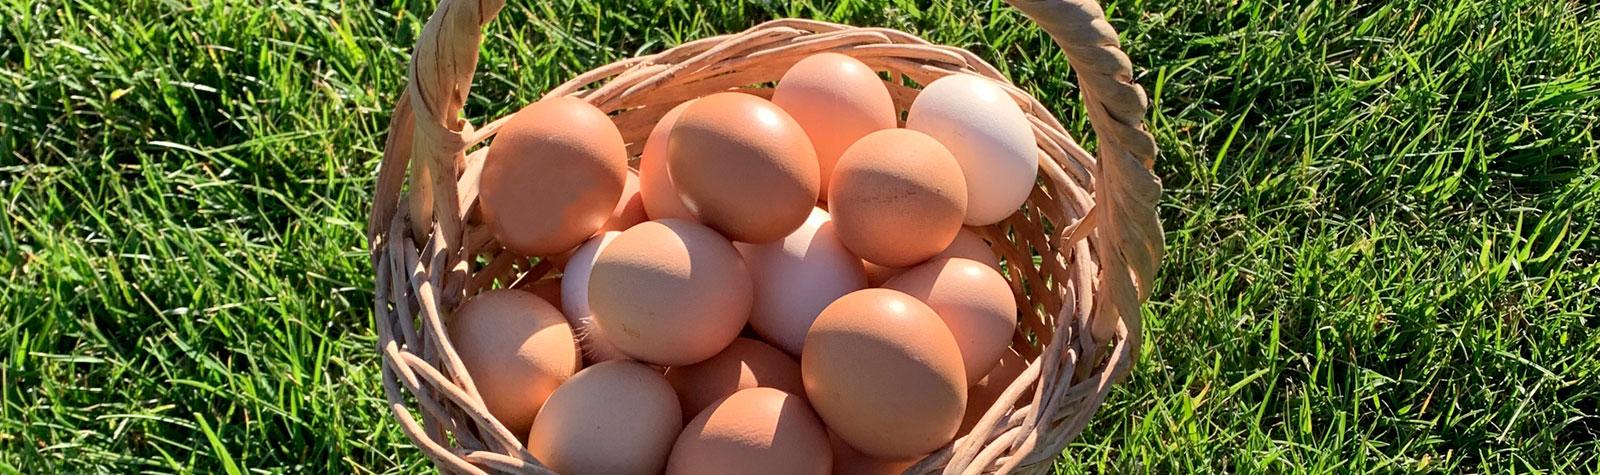 Novedades en Eco-Finca: Gallinas felices, huevos saludables